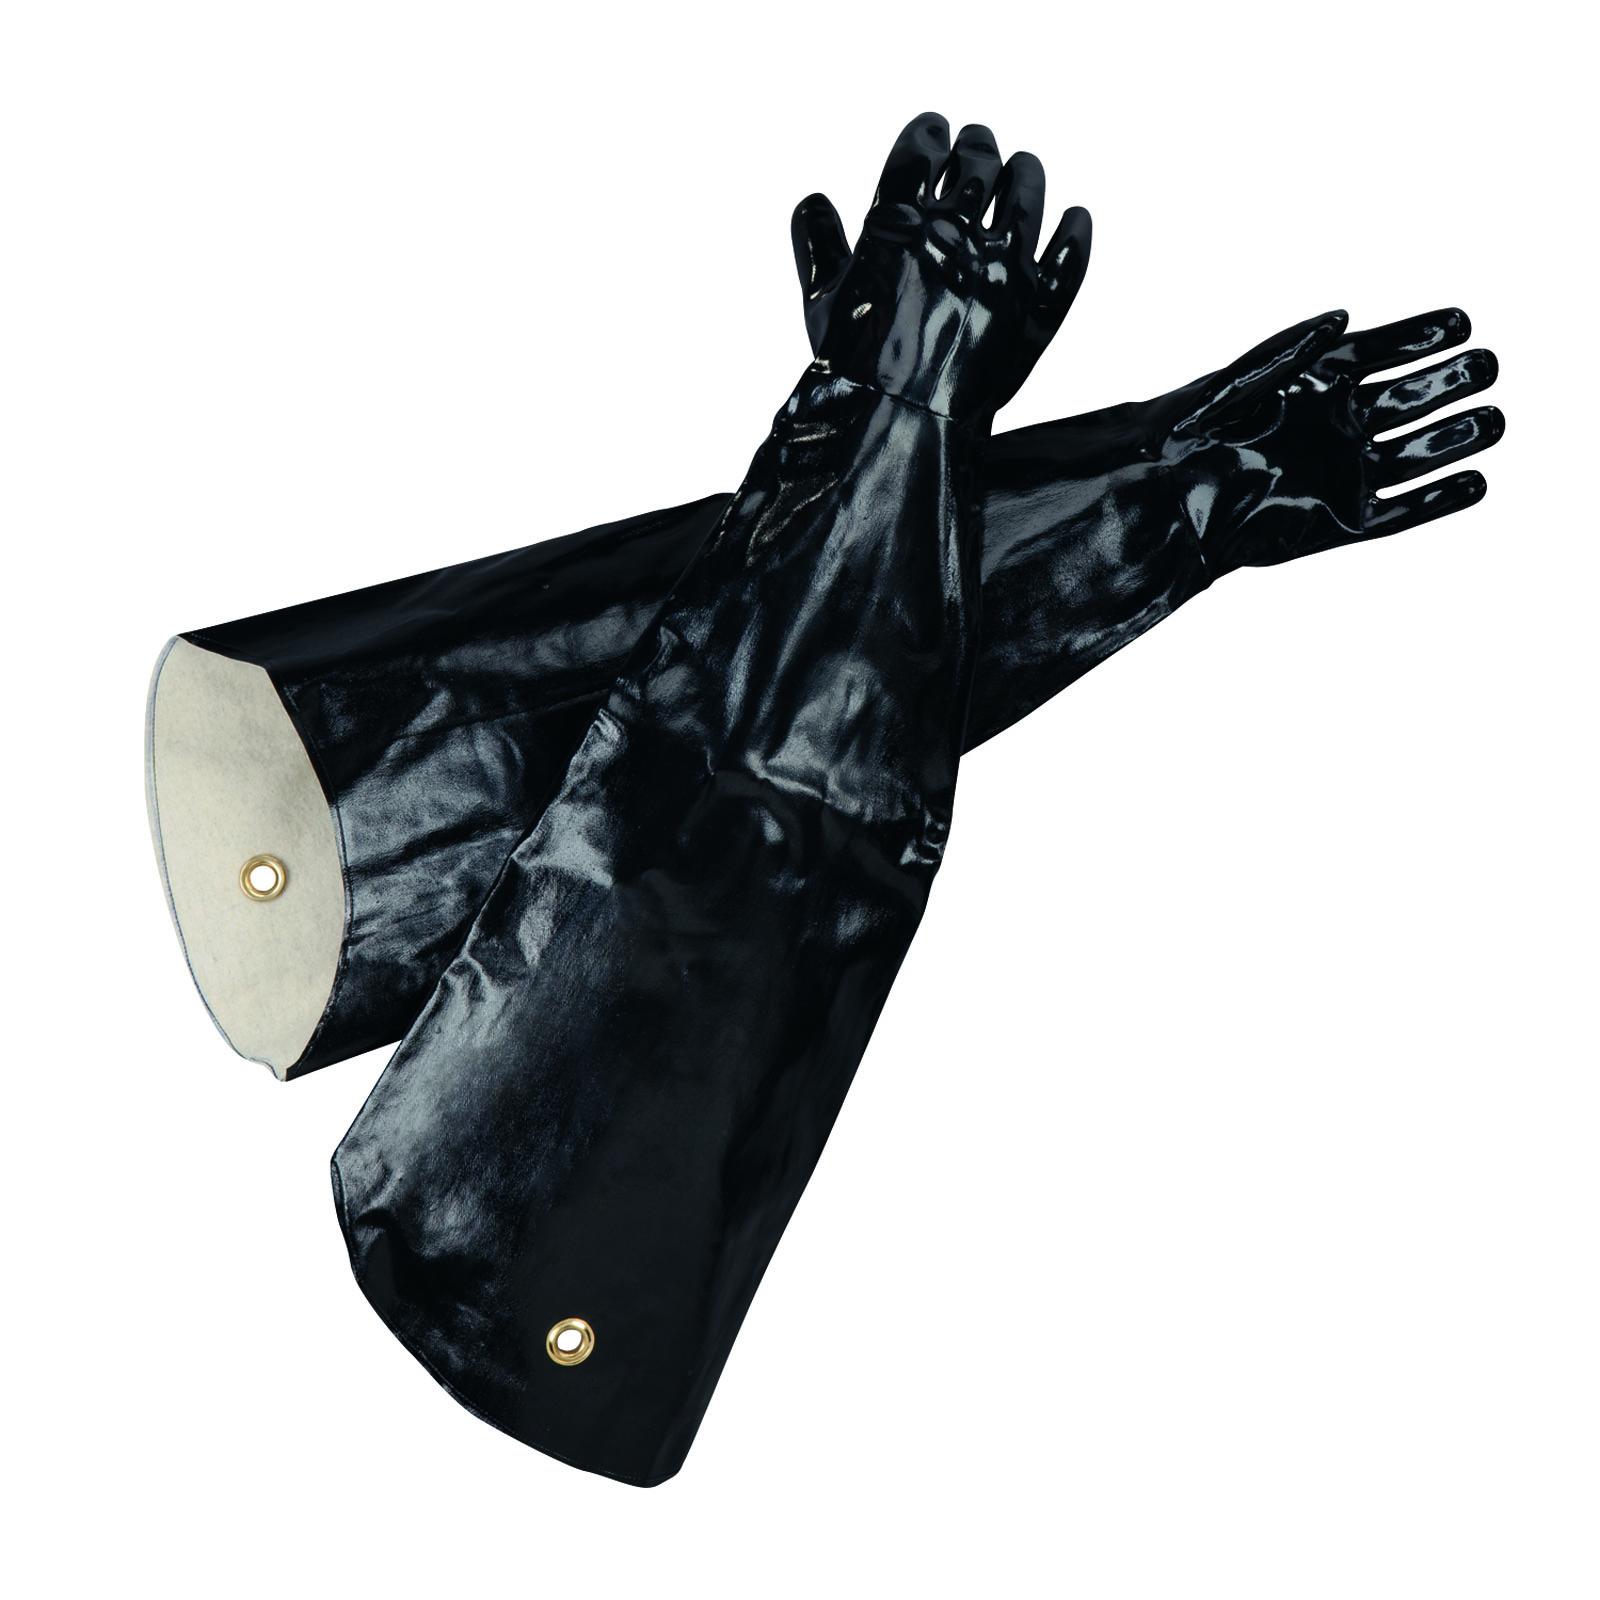 San Jamar P31 gloves, dishwashing / cleaning